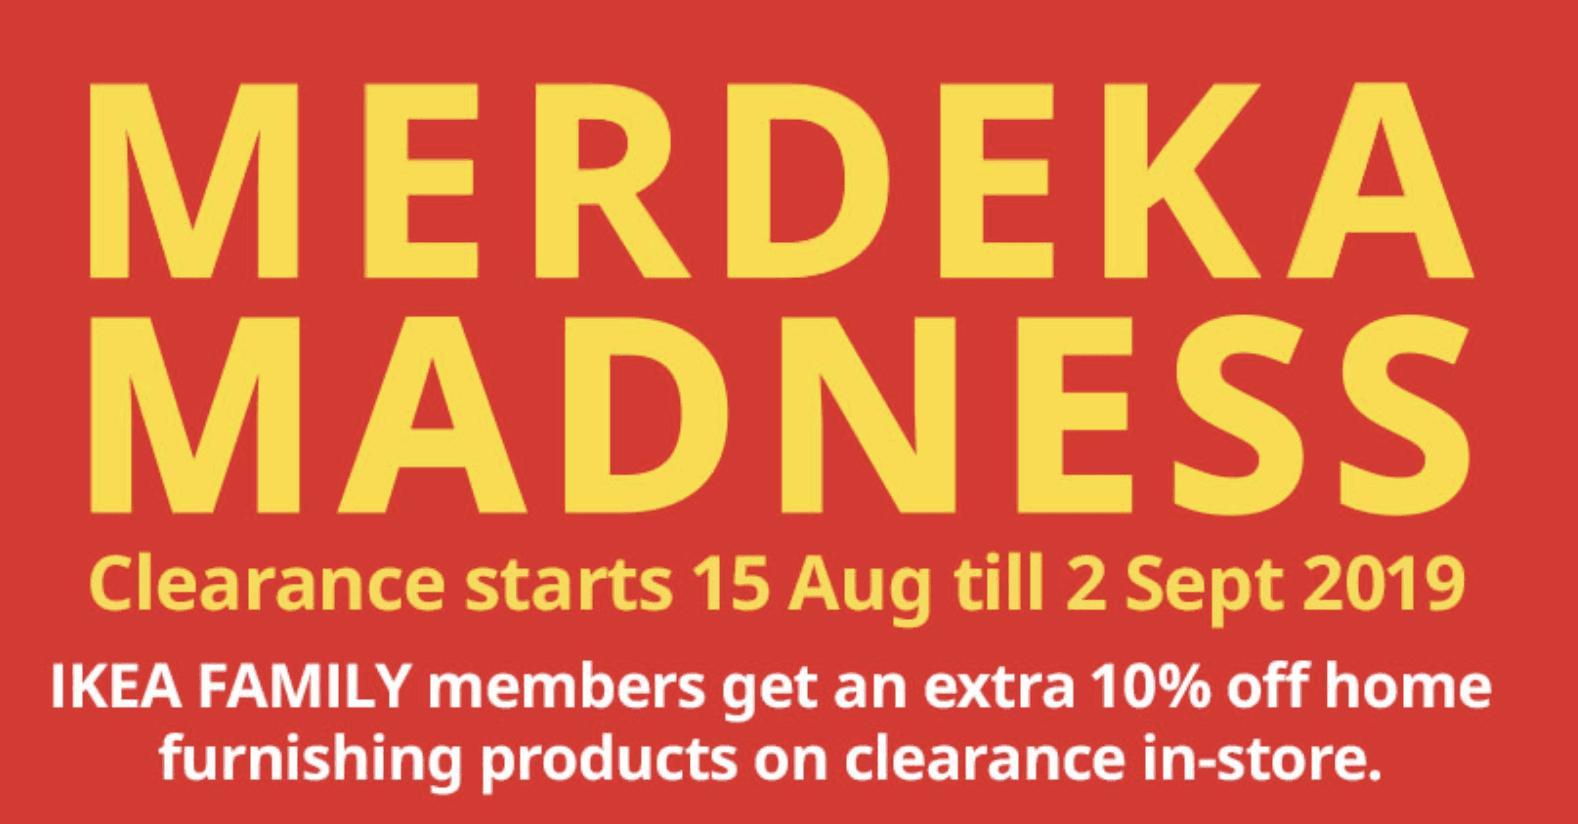 Ikea Merdeka madness sale